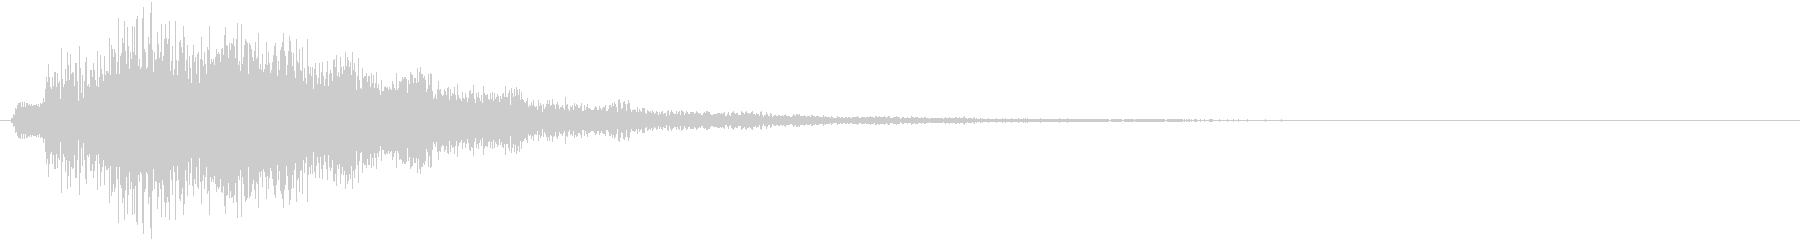 クォーン(サウンドロゴ、決定、ゲーム)の未再生の波形